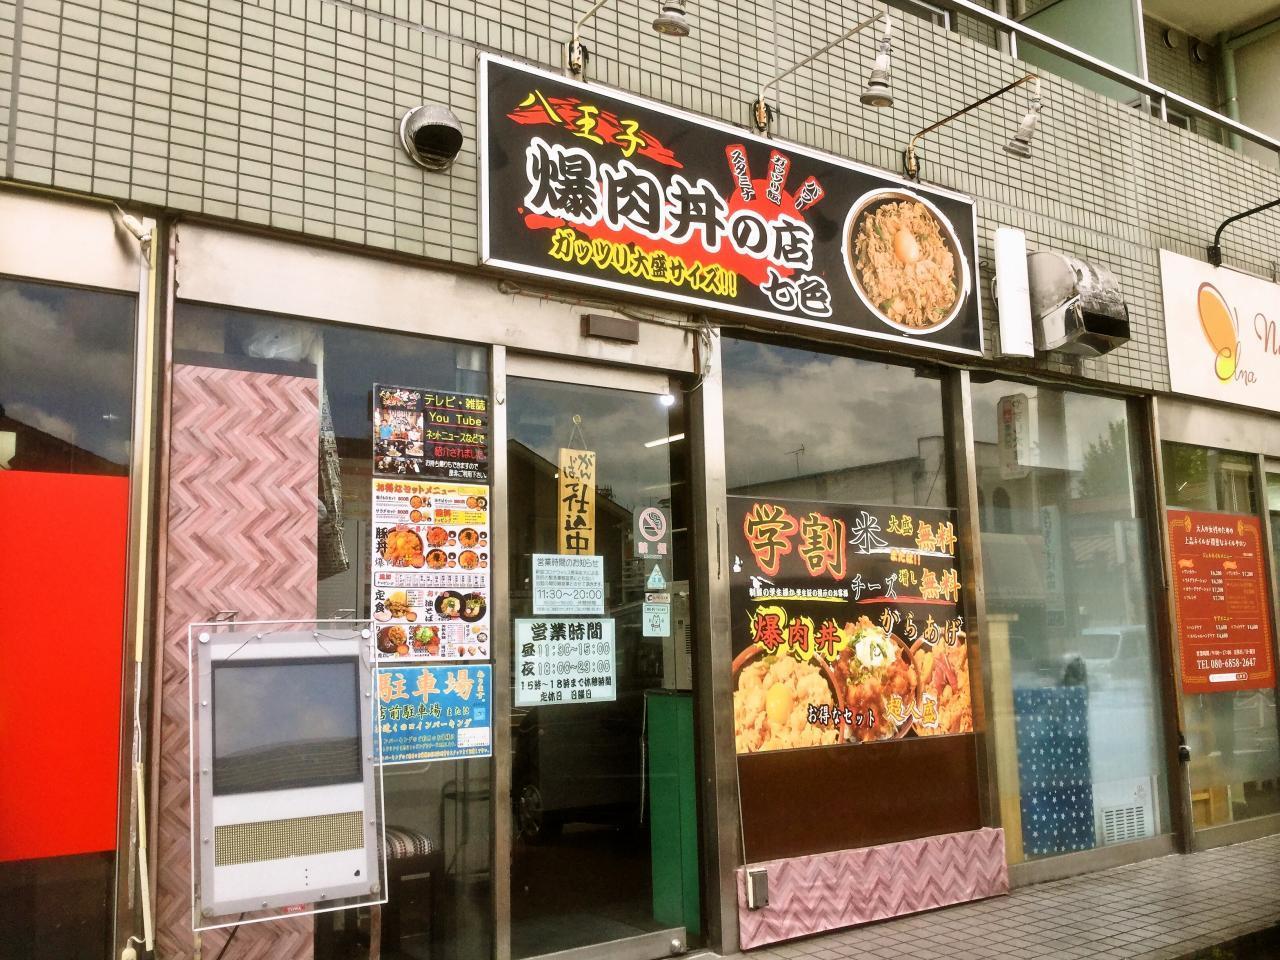 爆肉丼の店 七色(店舗)